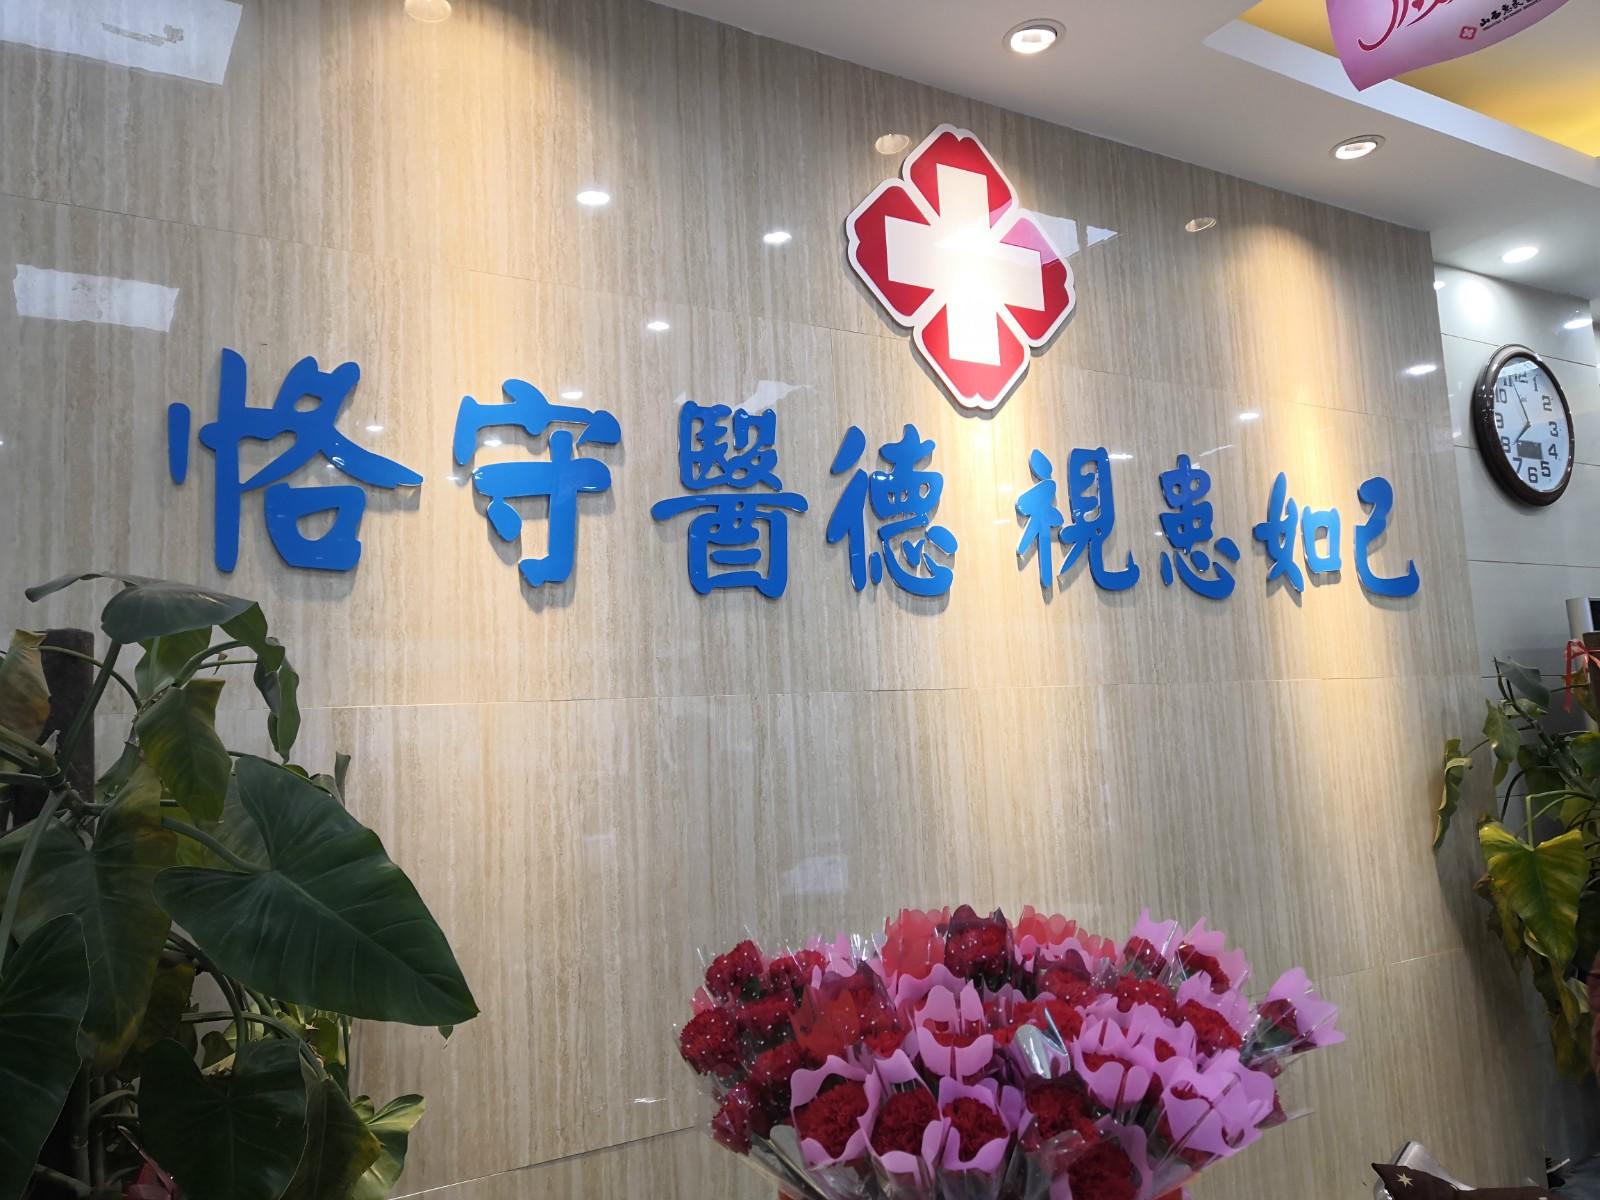 山西惠民医院:宫颈炎距离宫颈癌有多远?